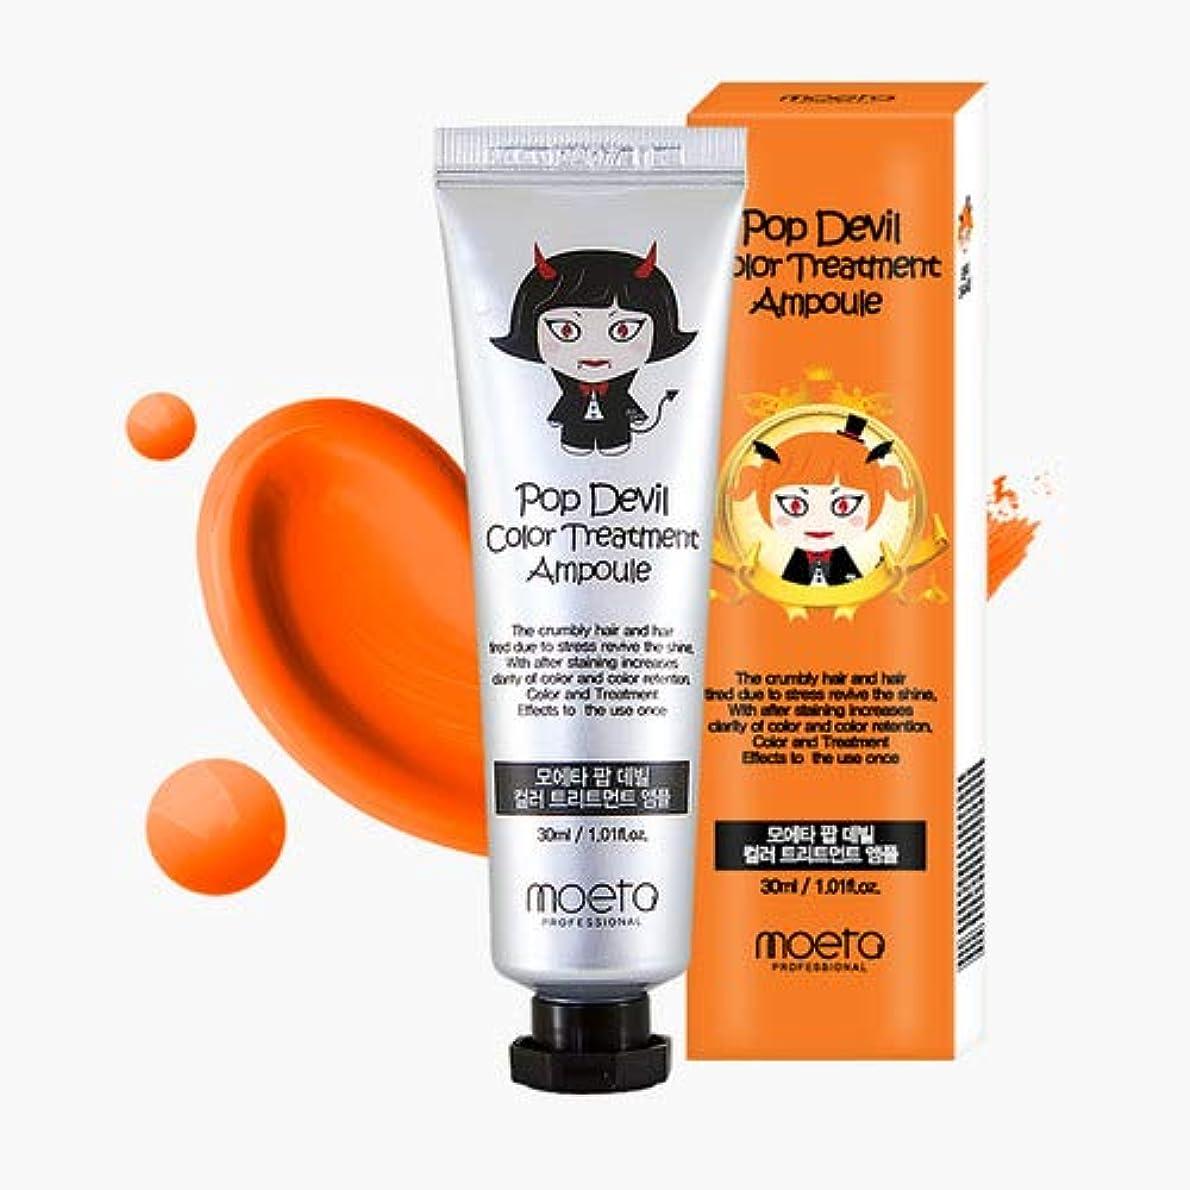 管理飛び込む講堂Moeta  ポップ デビル カラートリートメント アンプル / Pop Devil Color Treatment Ampoule (30ml) (オレンジ) [並行輸入品]